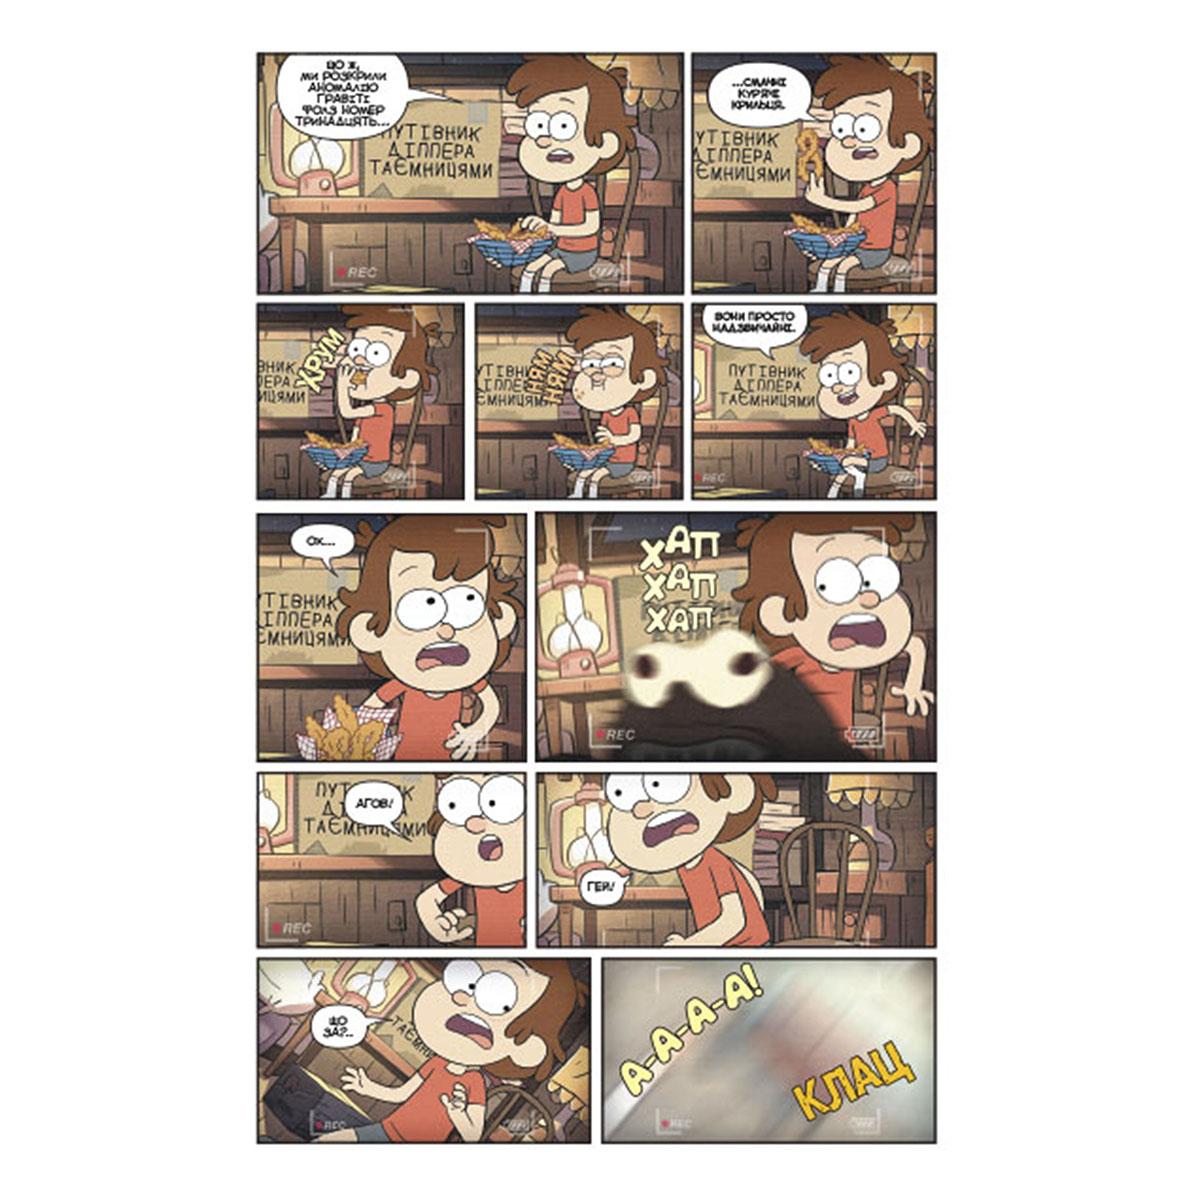 Книга комиксов Ранок Disney Ґравіті Фолз. Таємниці Ґравіті 112 с (укр) 440024 ТМ: Disney